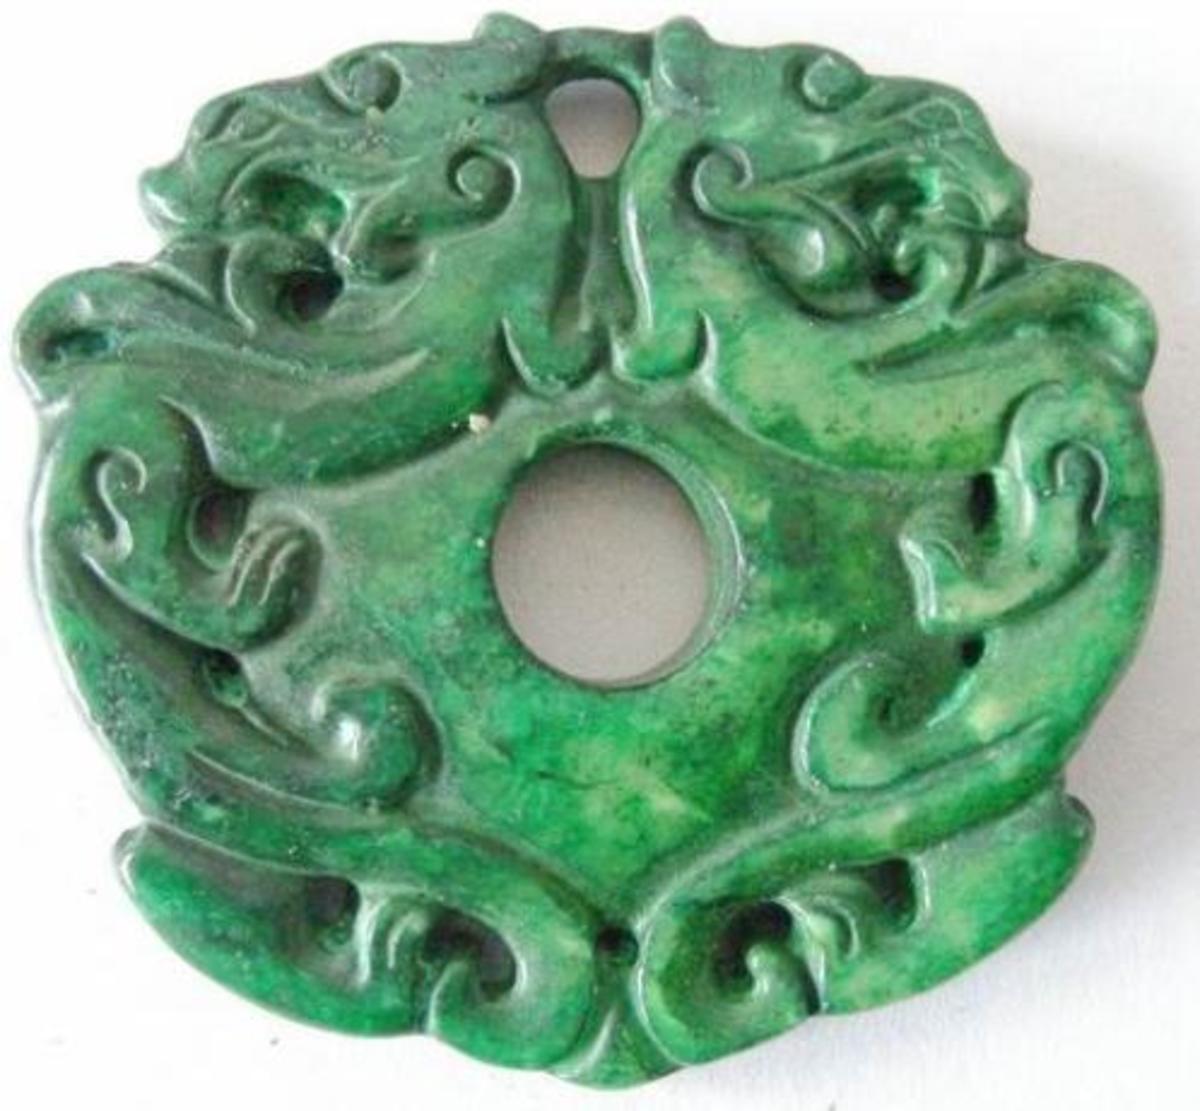 Green Jade (Fei Cui)